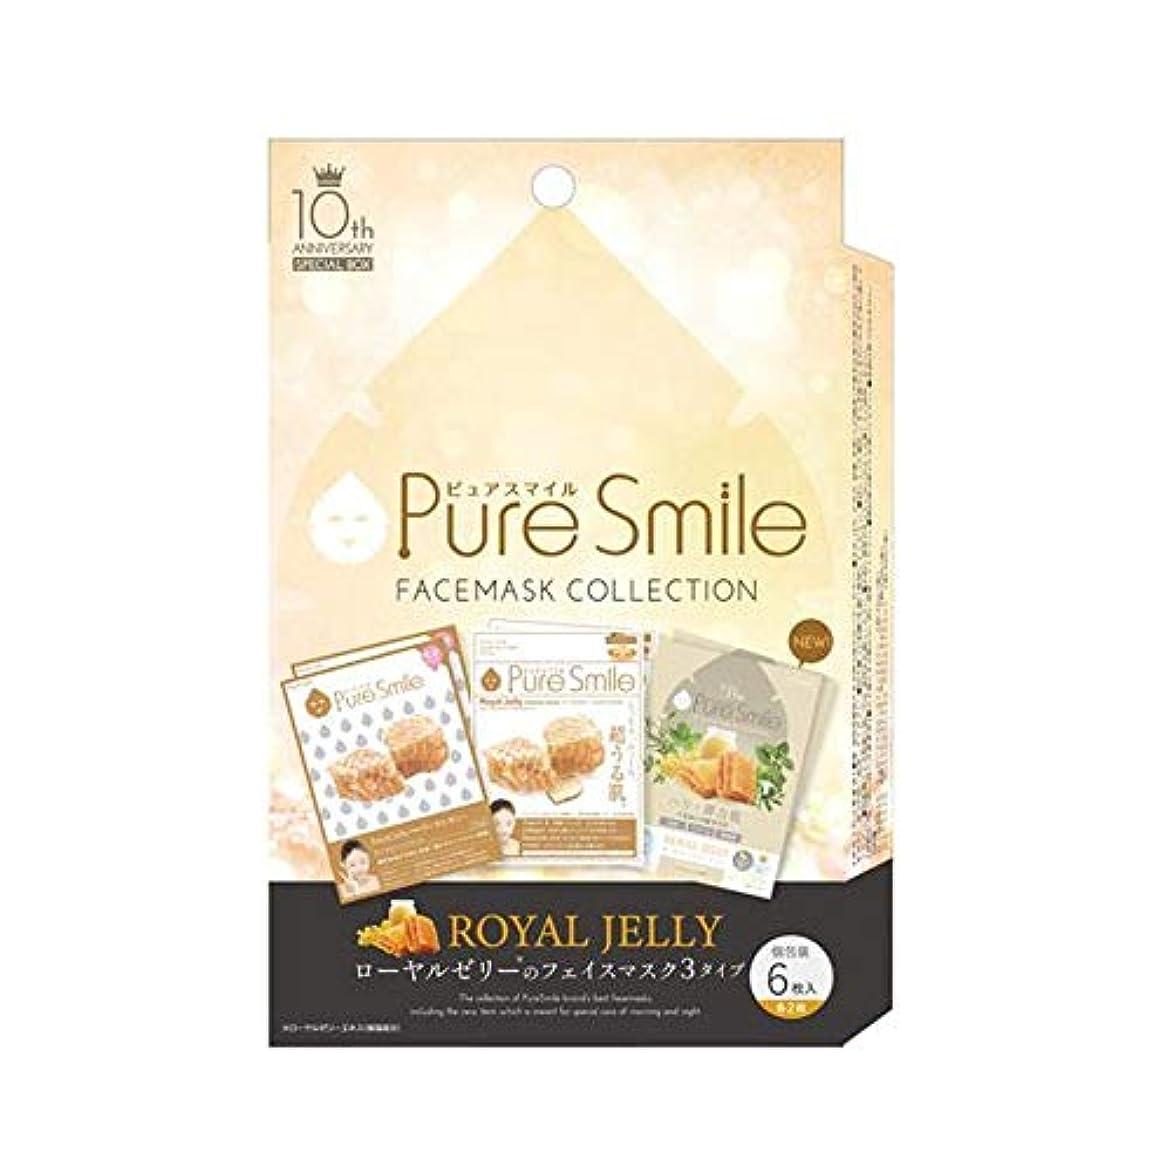 ささいな配分パーツピュア スマイル Pure Smile 10thアニバーサリー スペシャルボックス ローヤルゼリーエキス 6枚入り